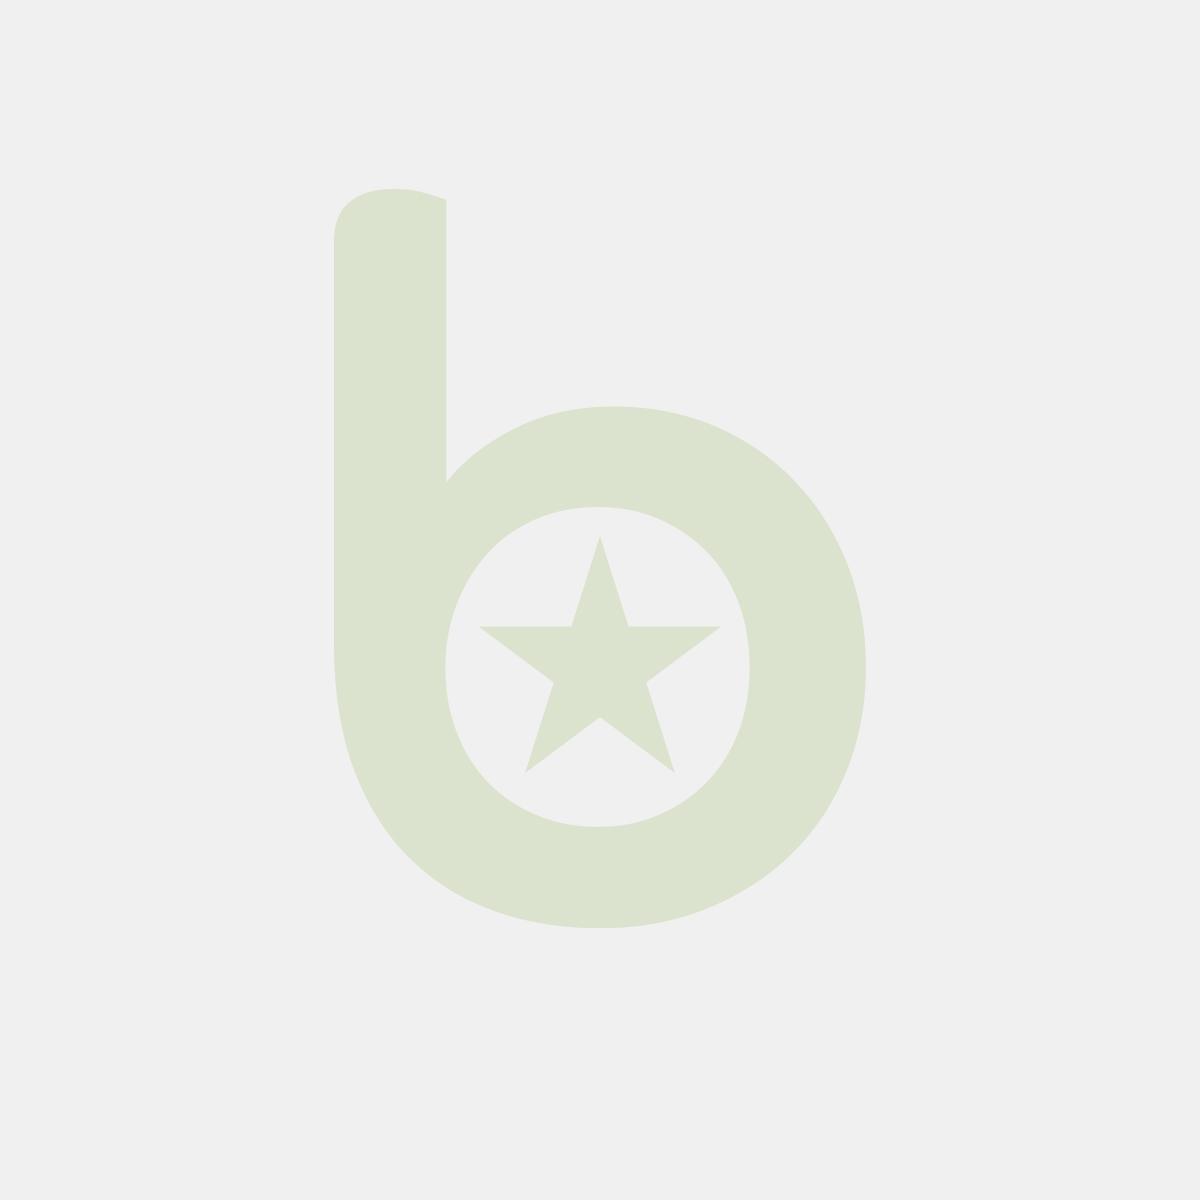 Folia wieczkowa 185/250m PP AF TnP 52mikr. PEEL + ANTIFOG